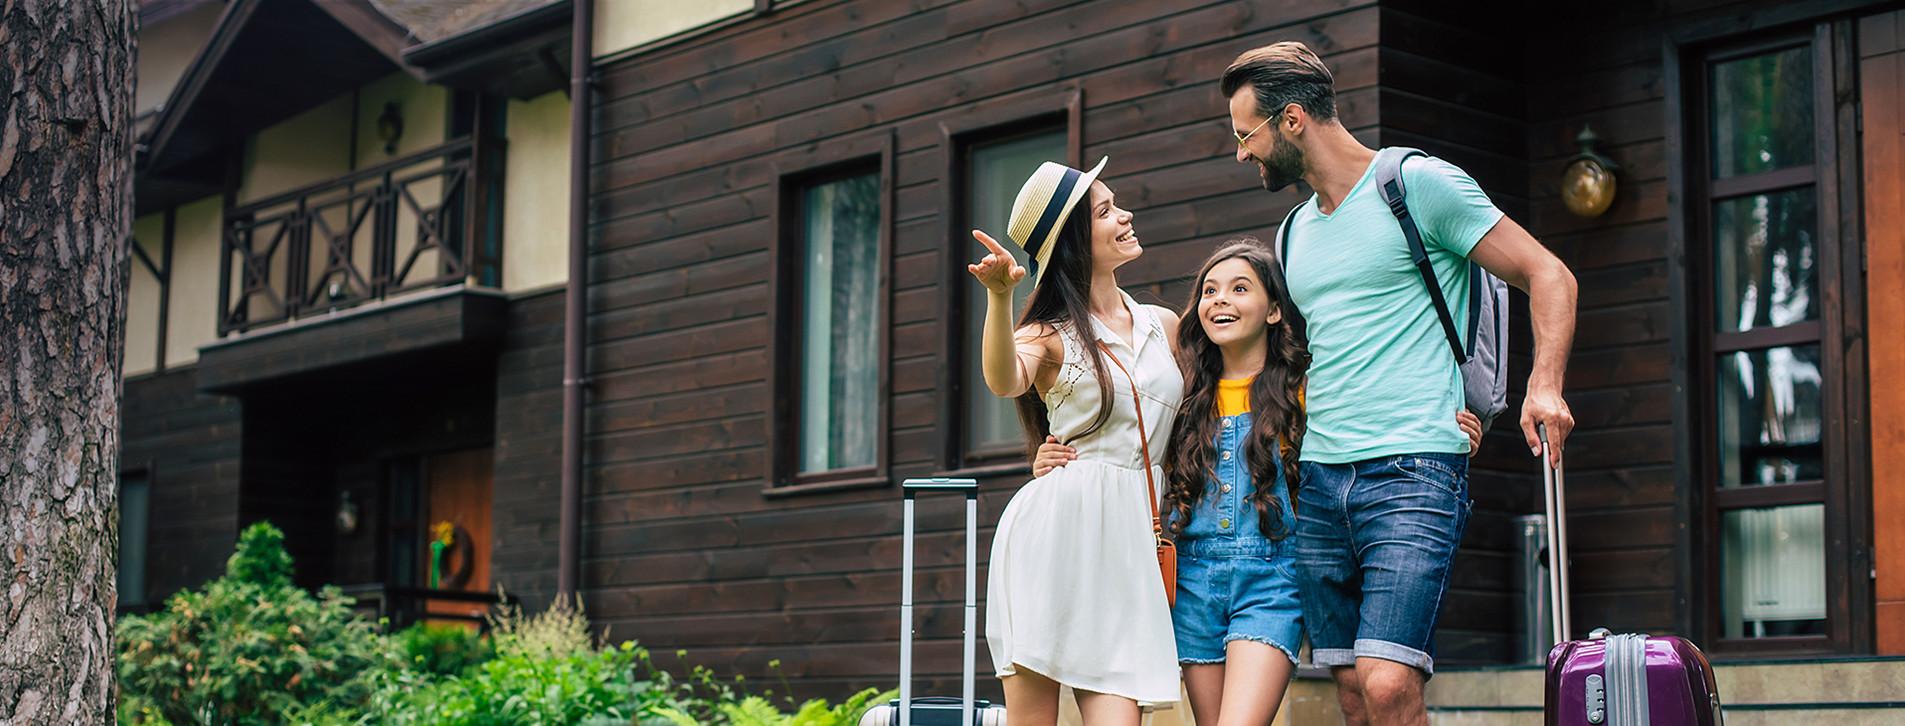 Фото - Семейные SPA каникулы в Закарпатье